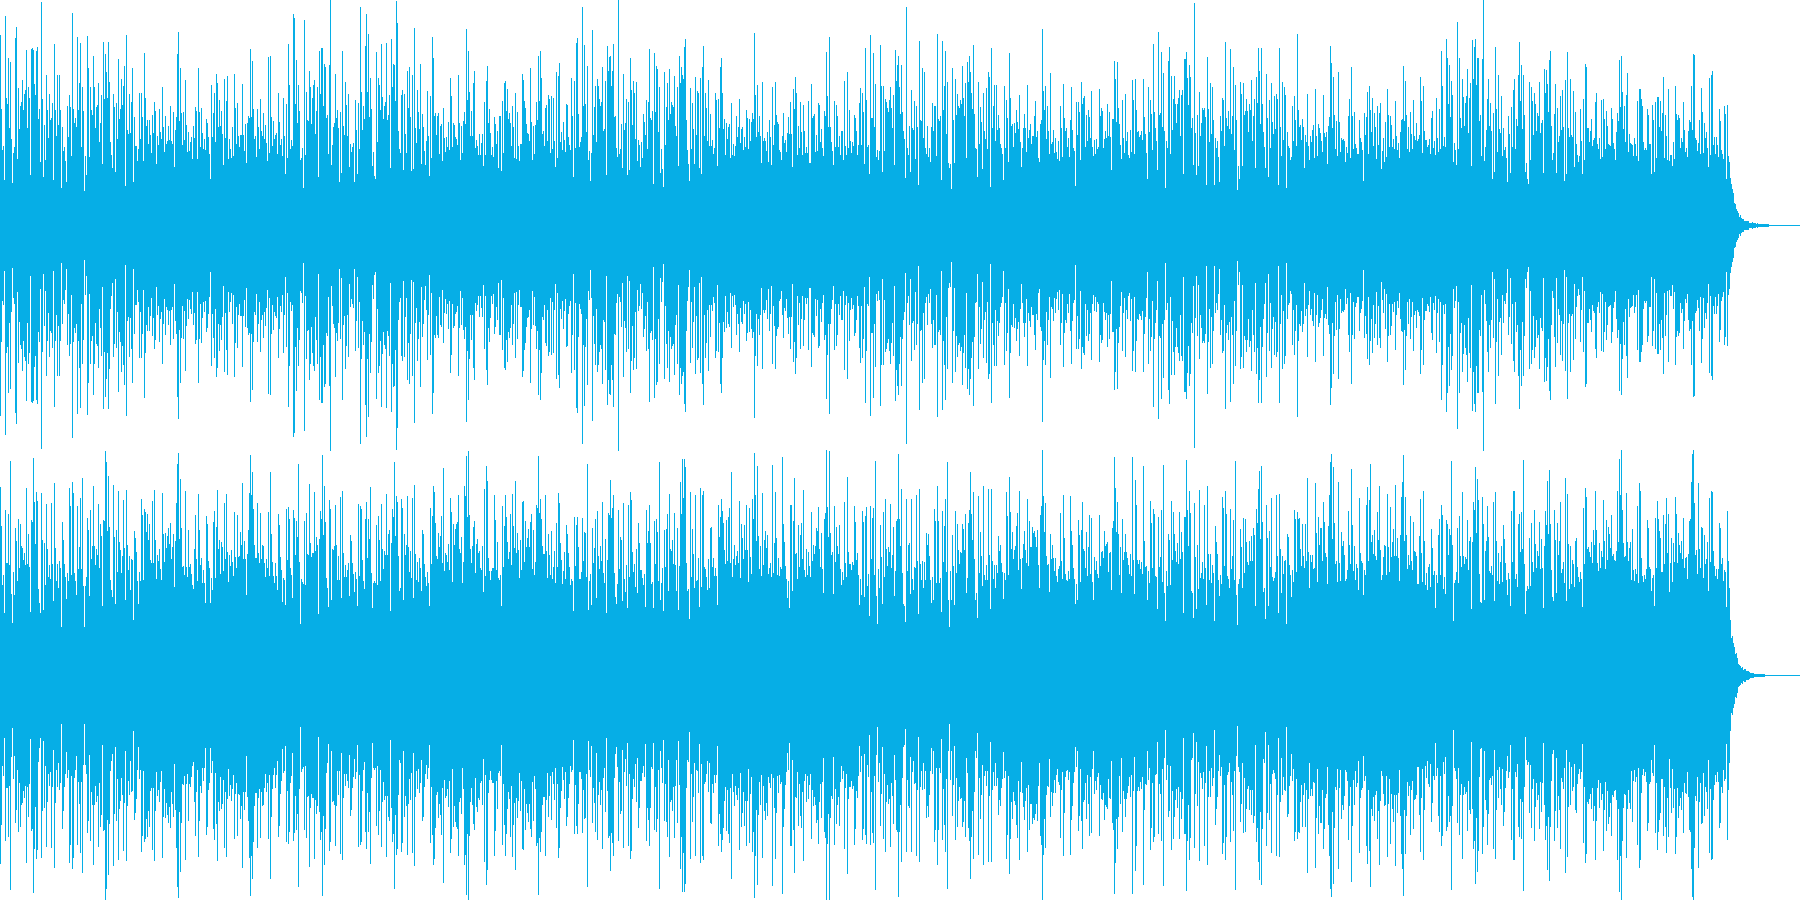 全パートループ版の再生済みの波形